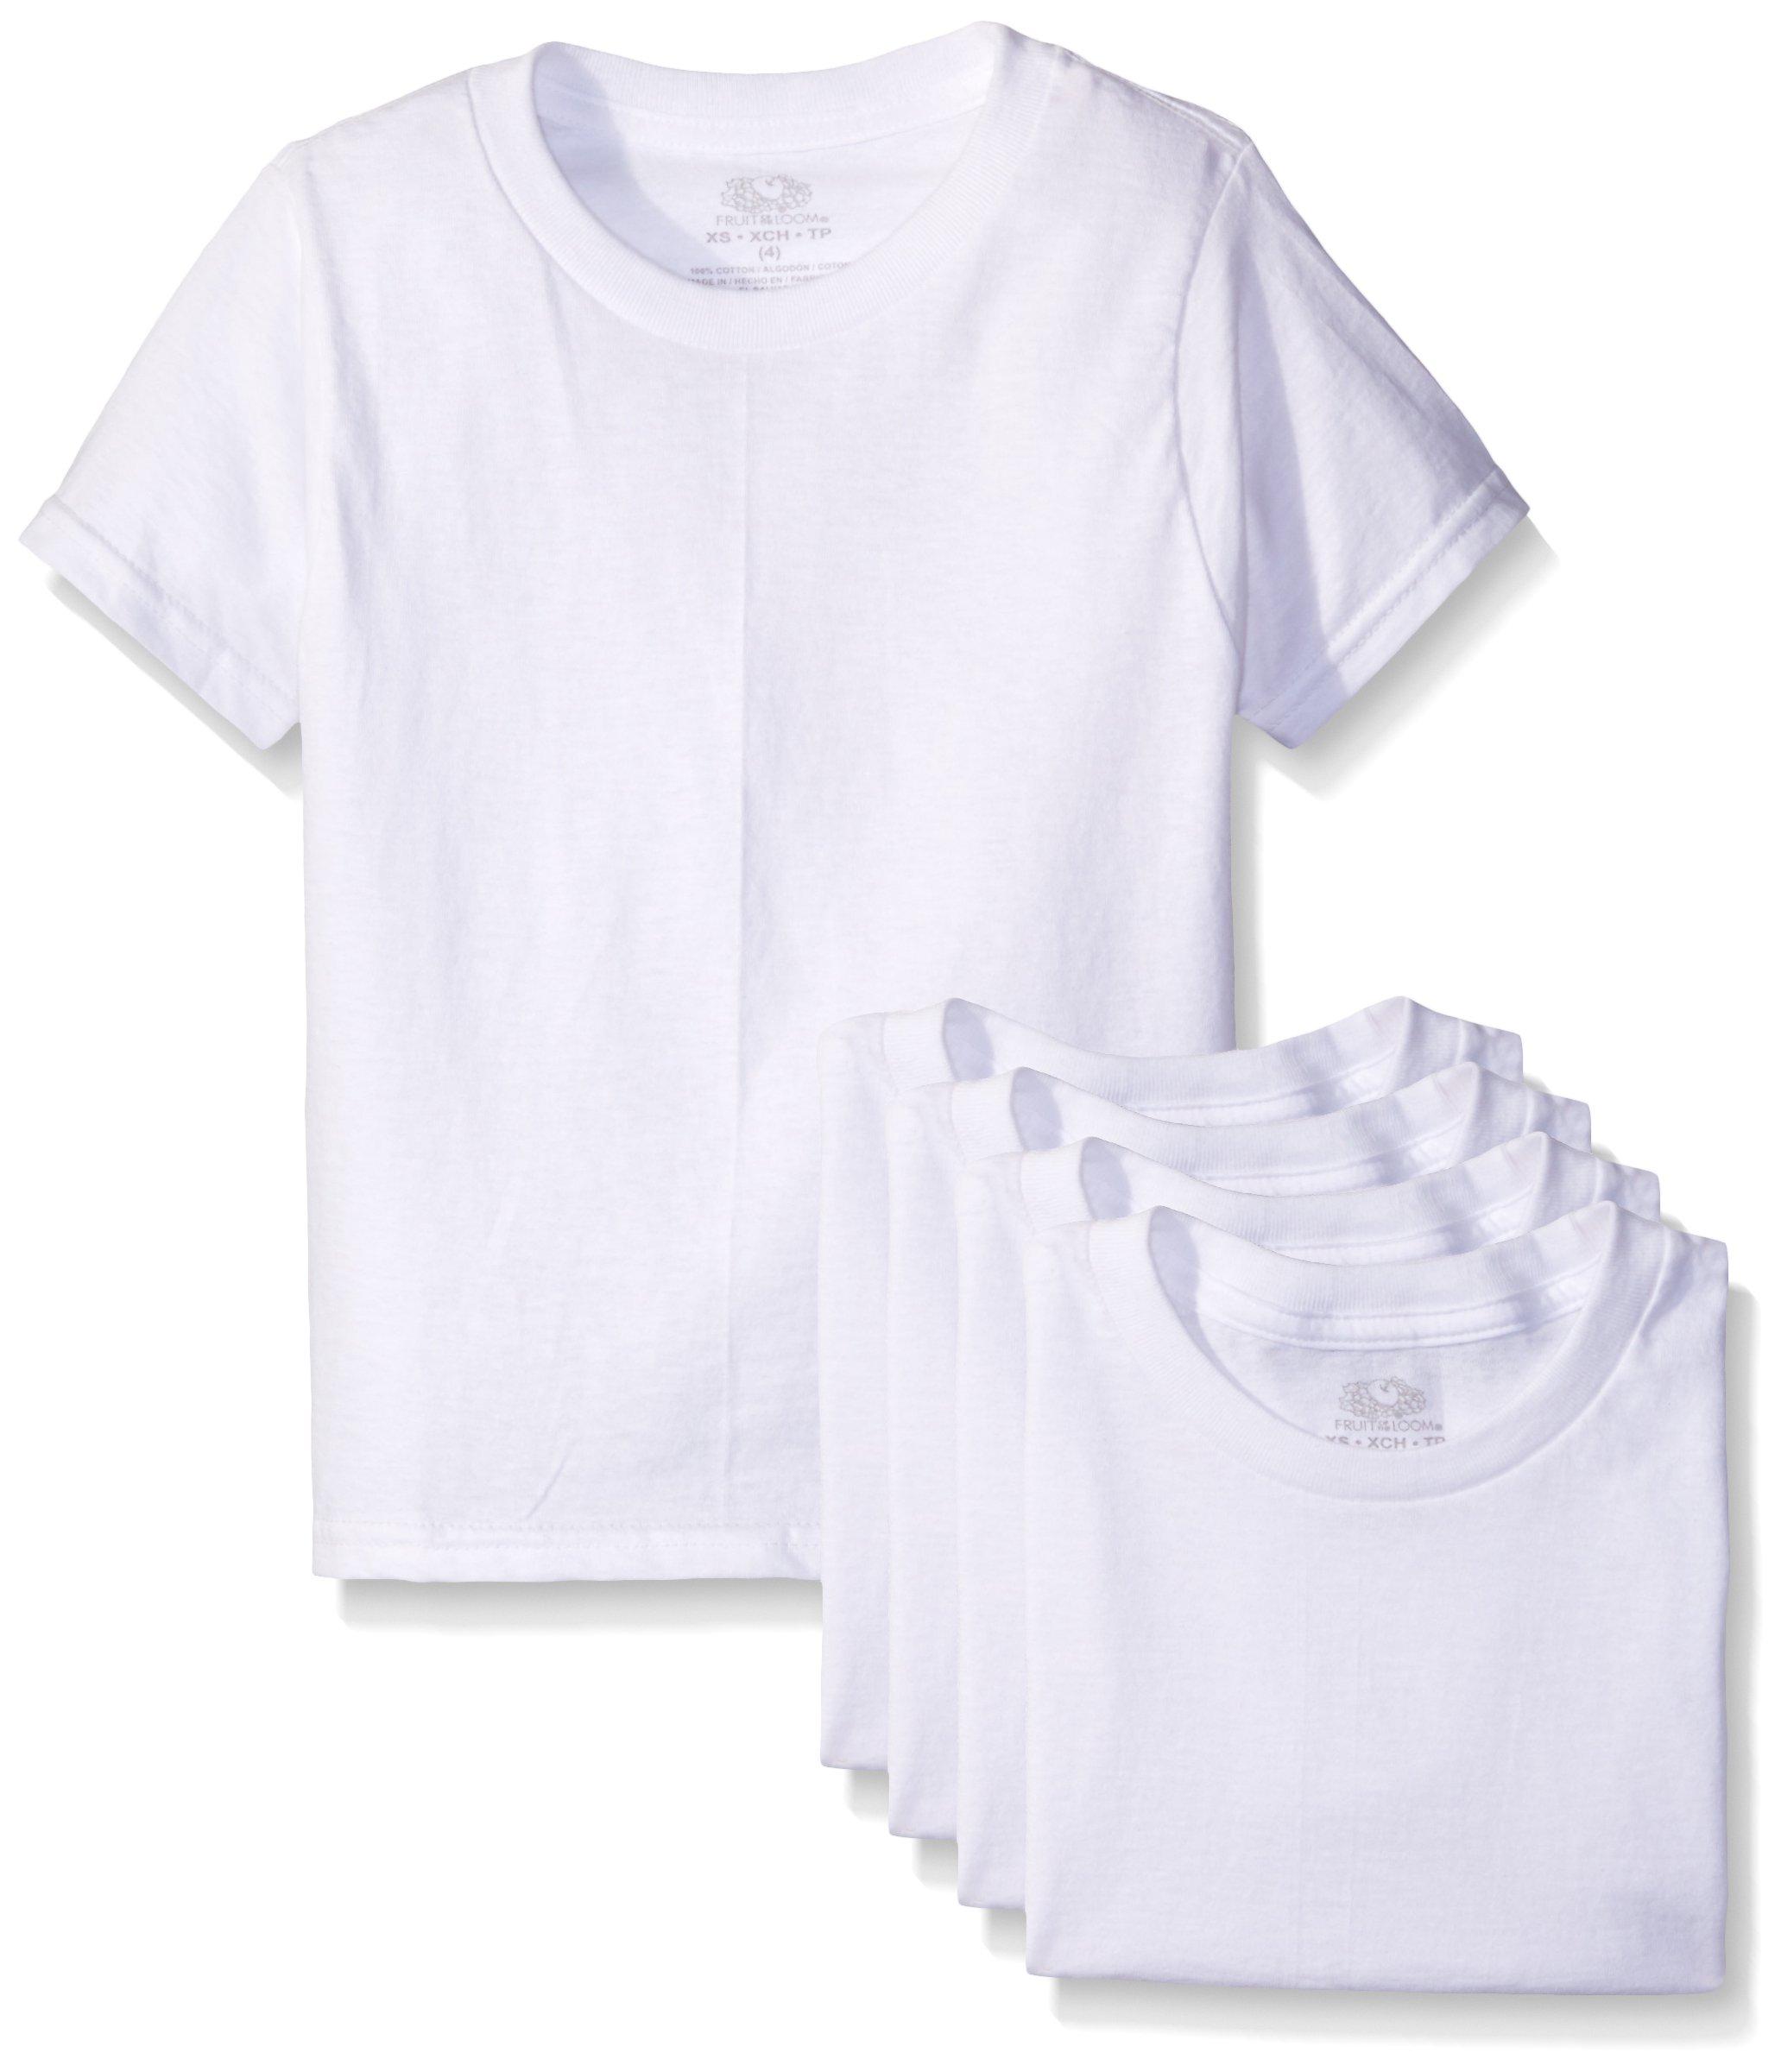 ルームボーイのラウンドネックTシャツ(5枚組)のフルーツ